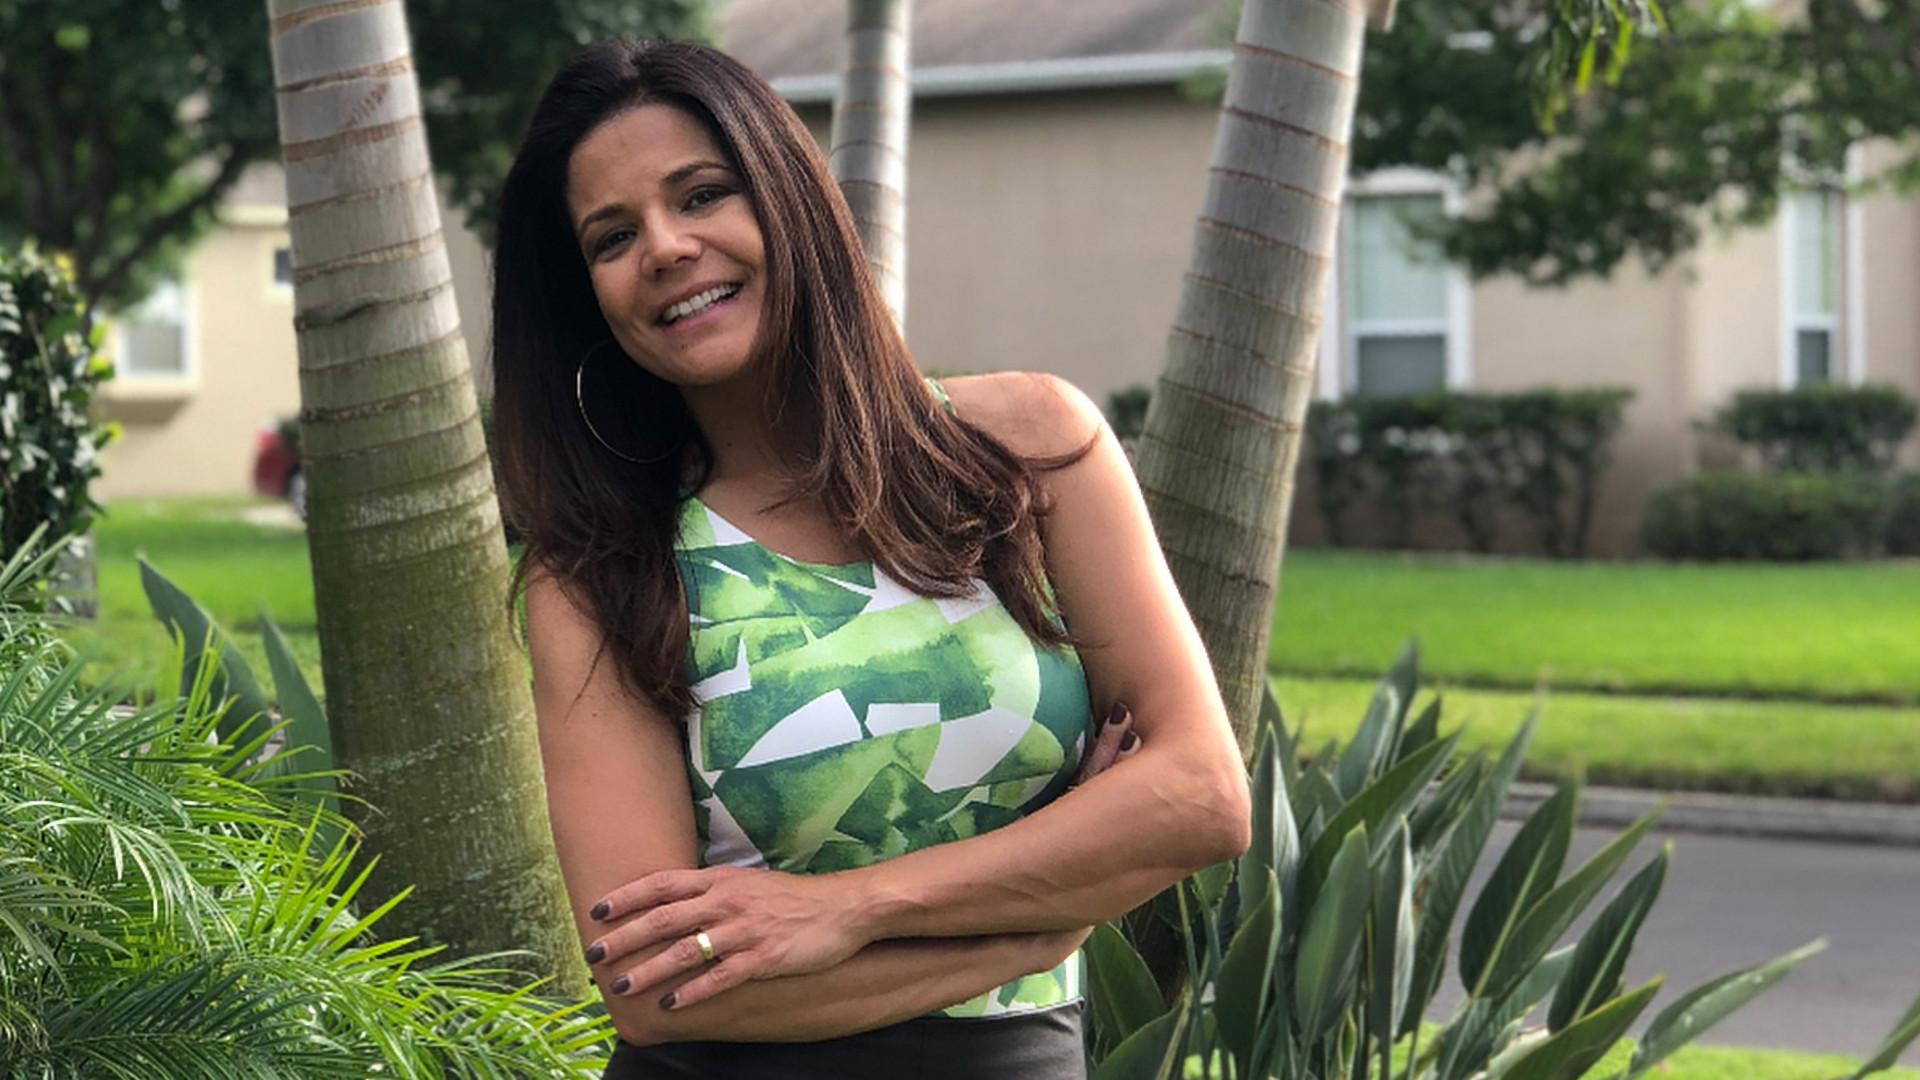 Stelmann fará novela com o ex Mario Frias: 'Nosso filho ficou feliz'